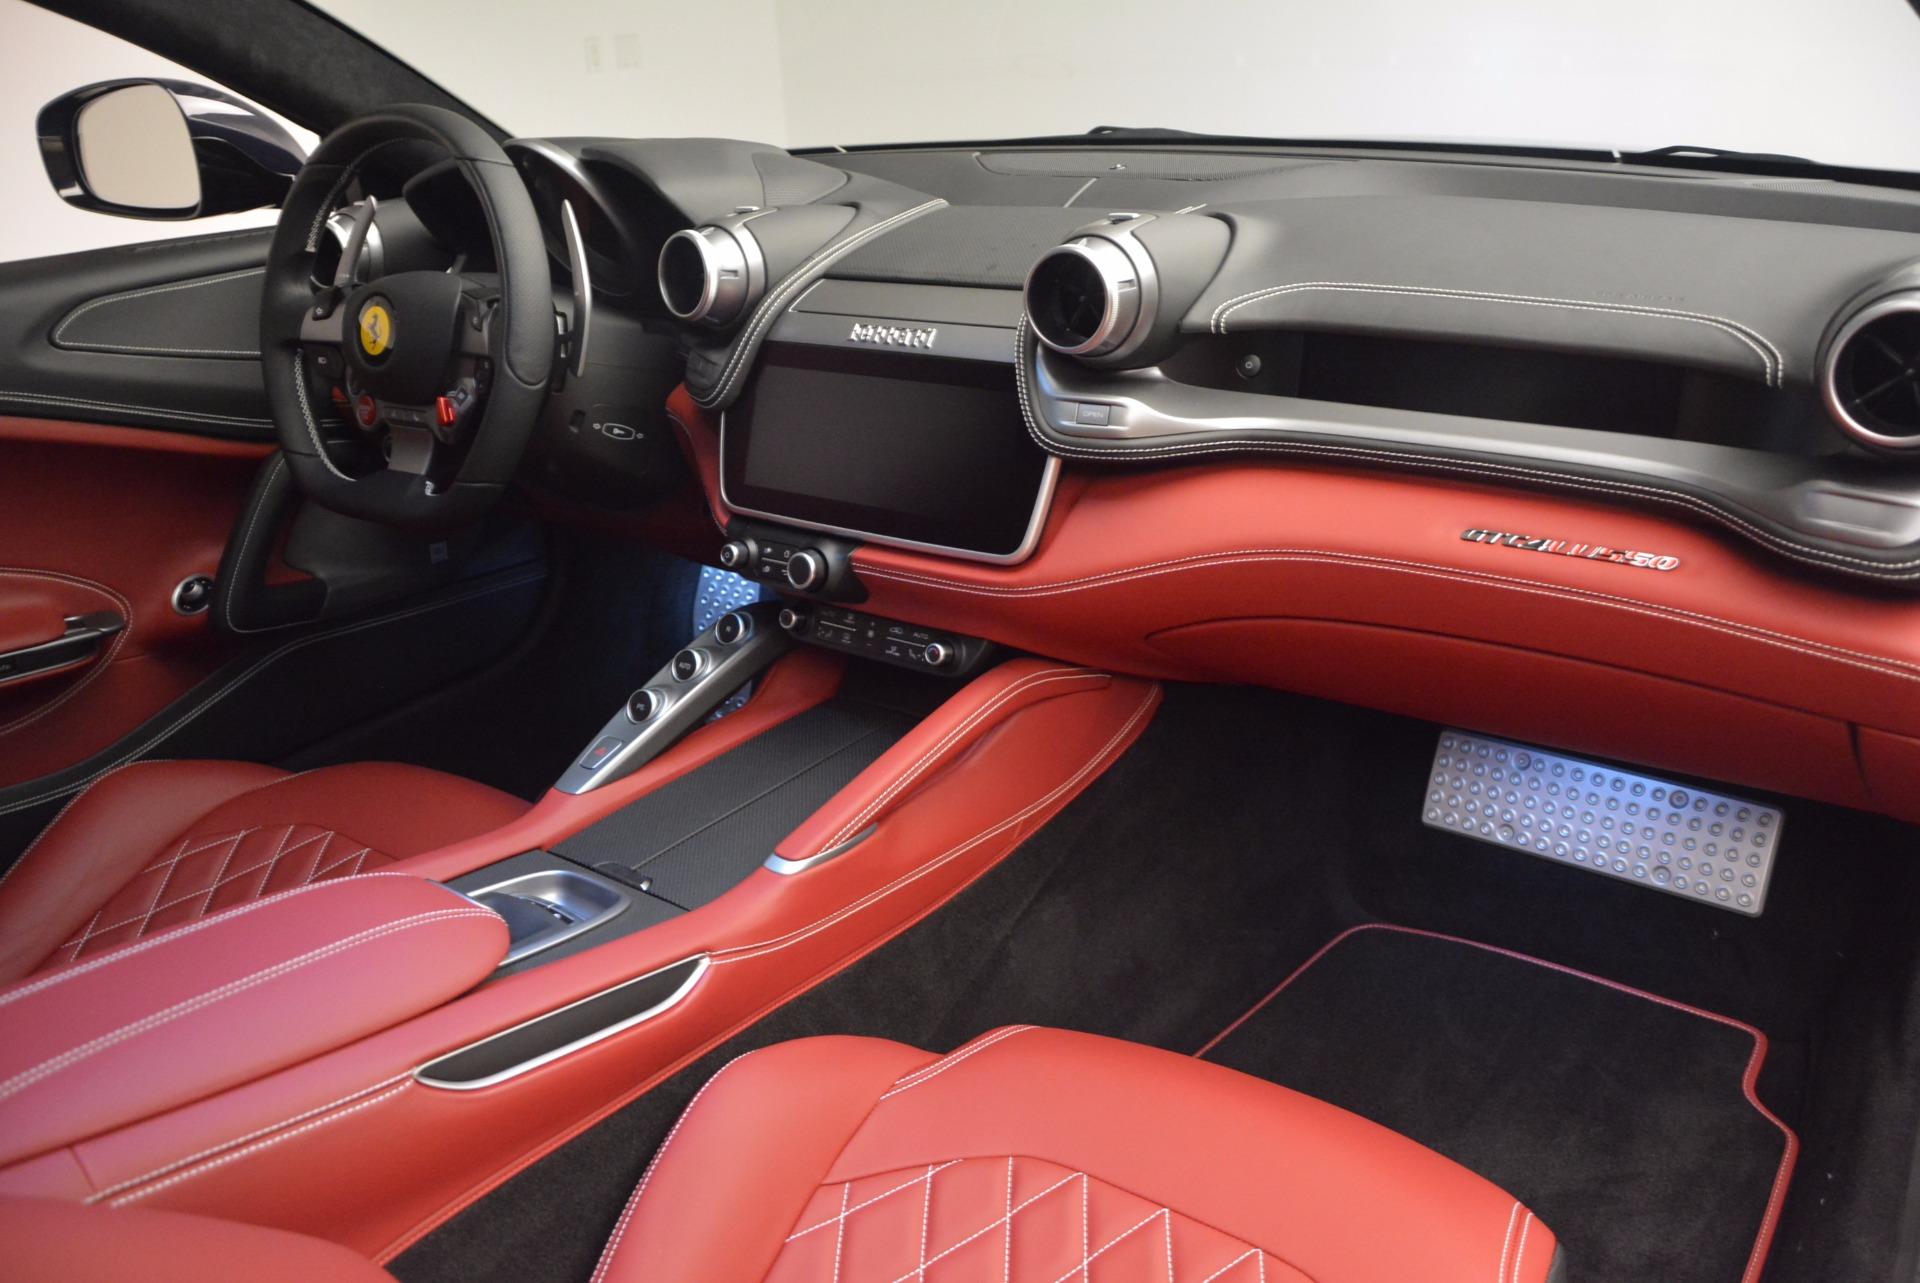 Pre Owned 2017 Ferrari Gtc4lusso For Sale Miller Motorcars Stock 4422